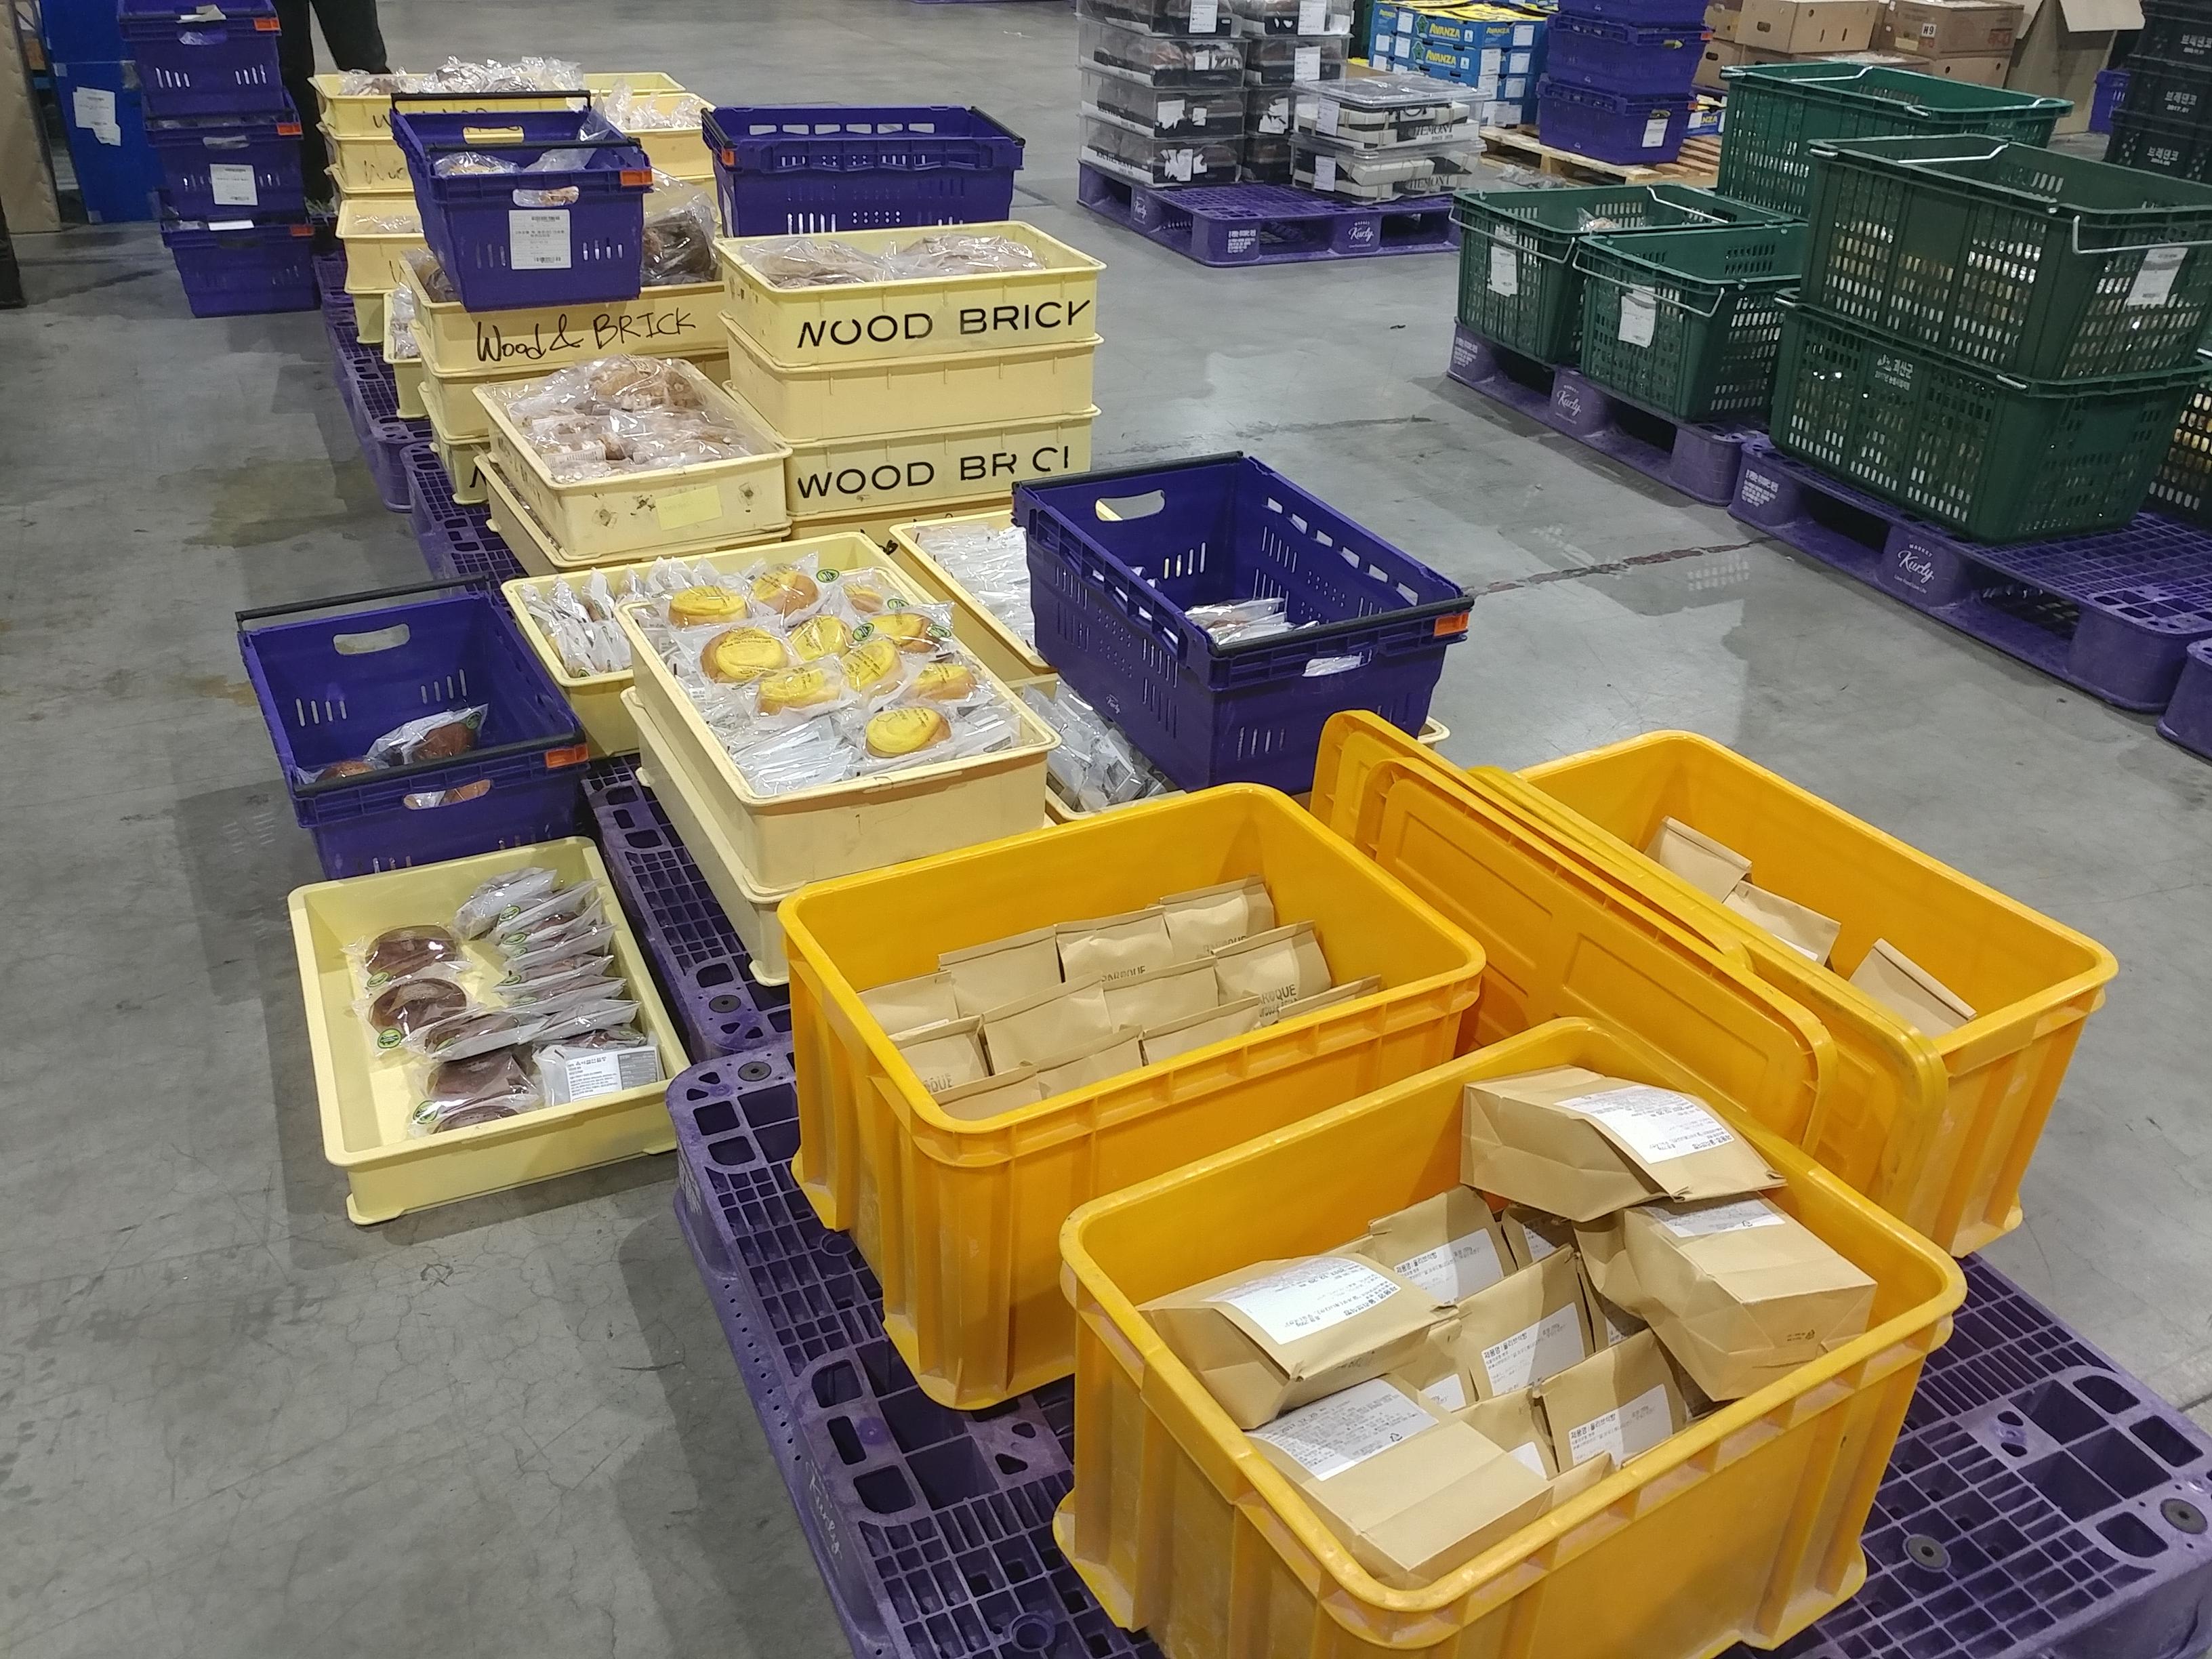 [엄지용의 물류 까대기] '오프라인'에서 찾은 온라인 신선식품 판매의 본질 外